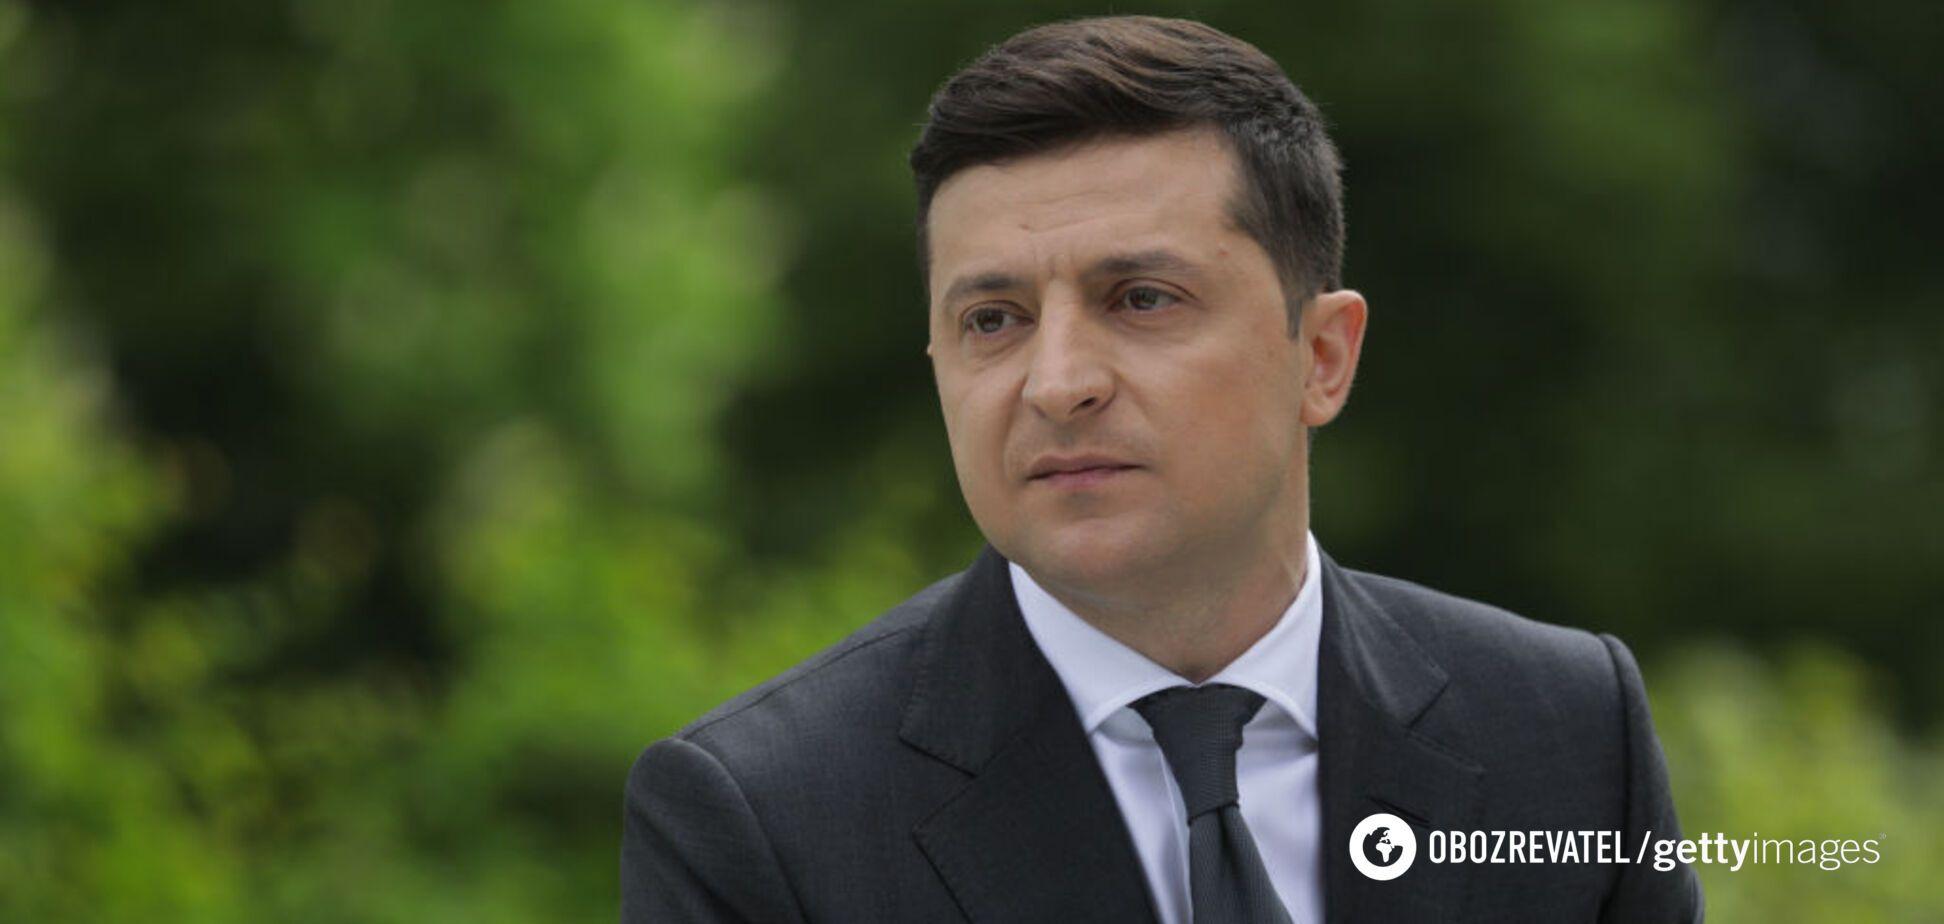 Прес-конференція Зеленського: 'обнулилася' ще одна обіцянка